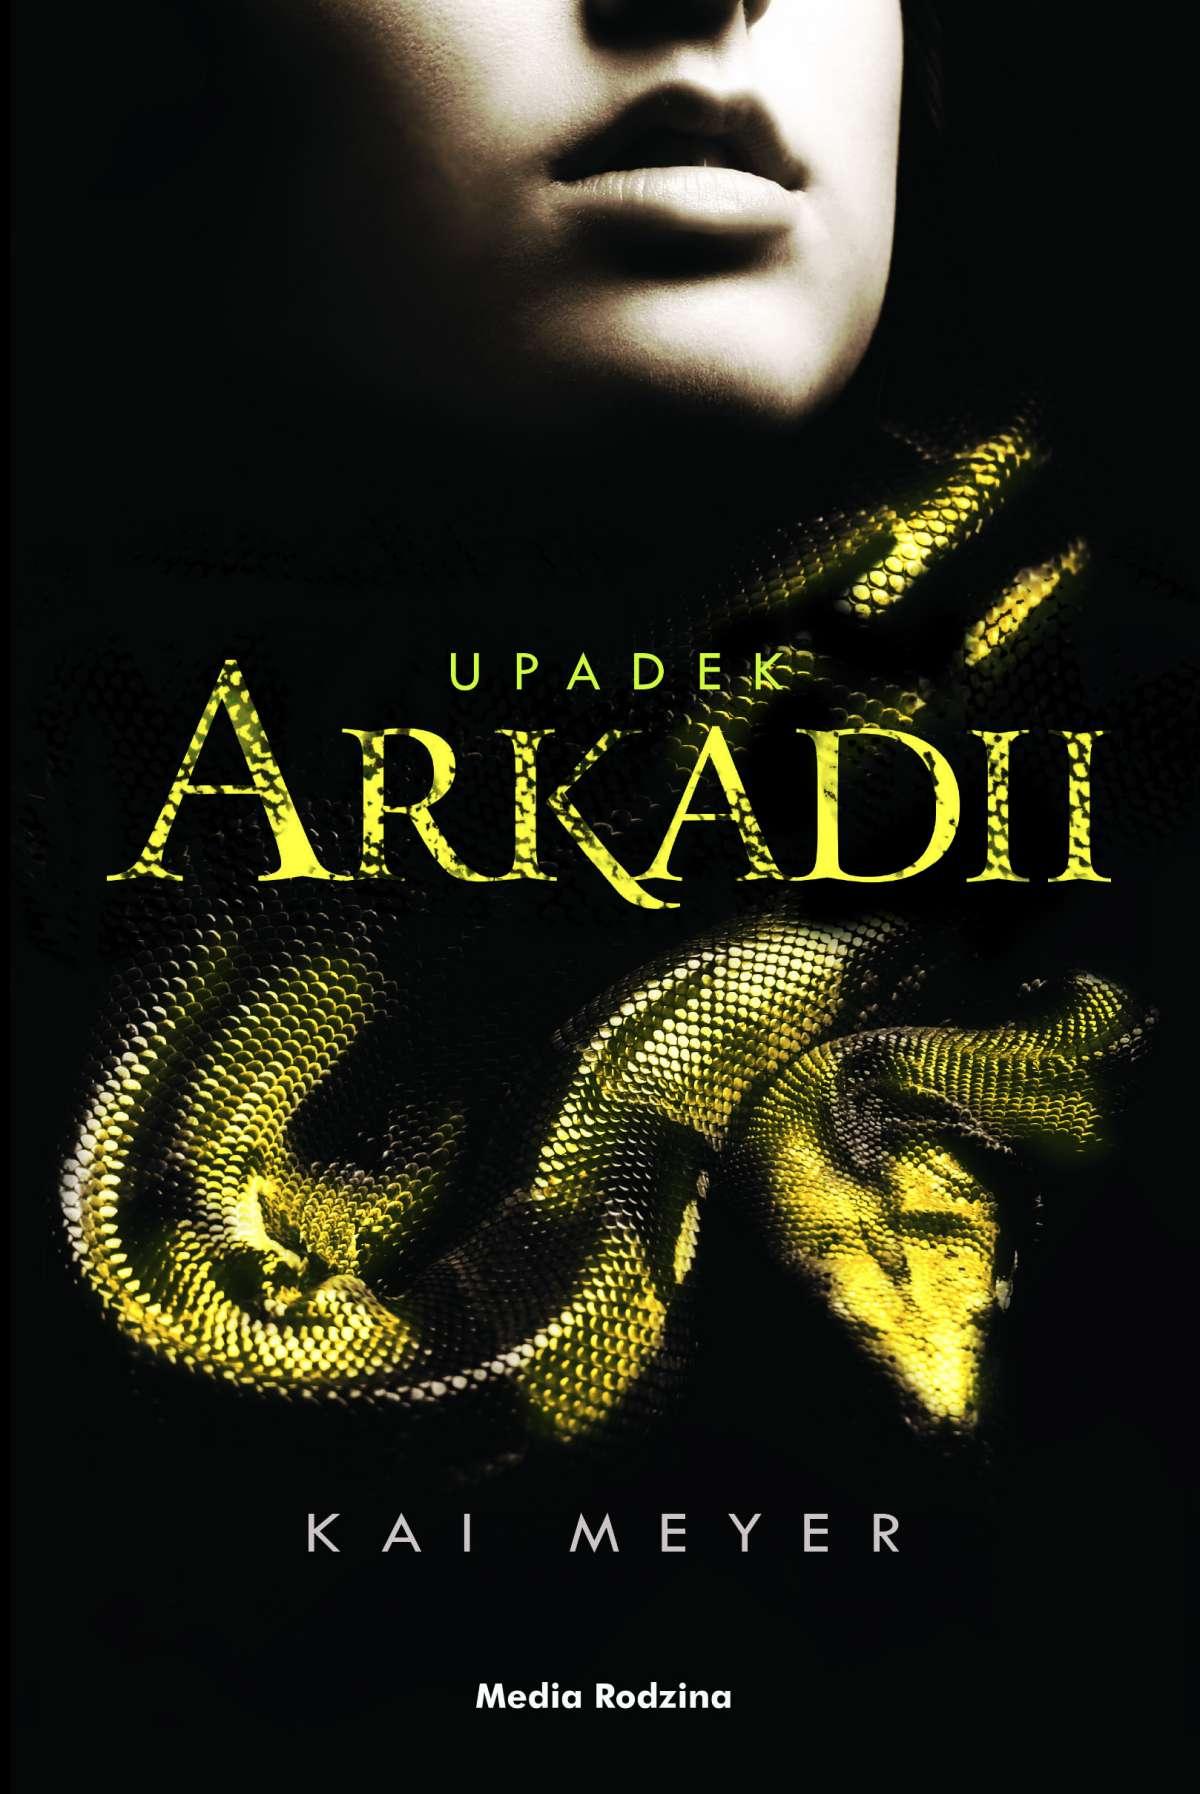 Upadek Arkadii - Ebook (Książka EPUB) do pobrania w formacie EPUB